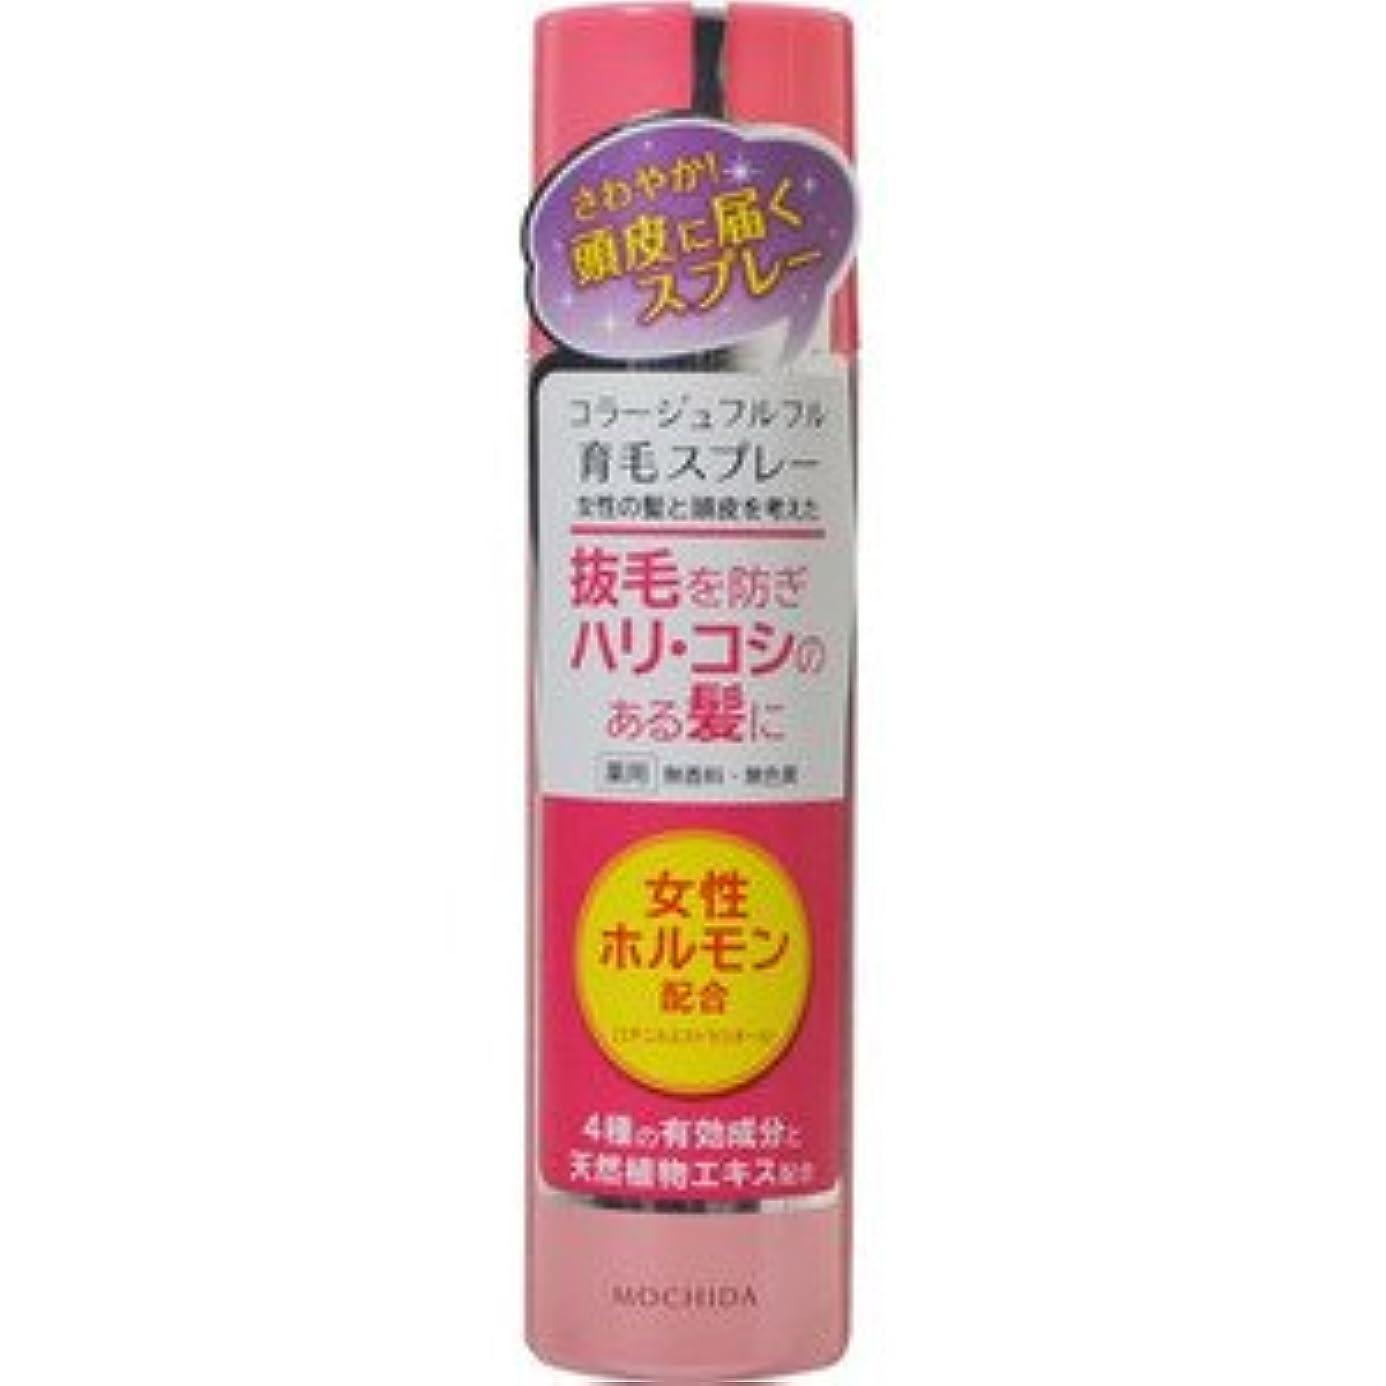 レンジ規制するランダム(持田ヘルスケア)コラージュフルフル 育毛スプレー 150g(医薬部外品)